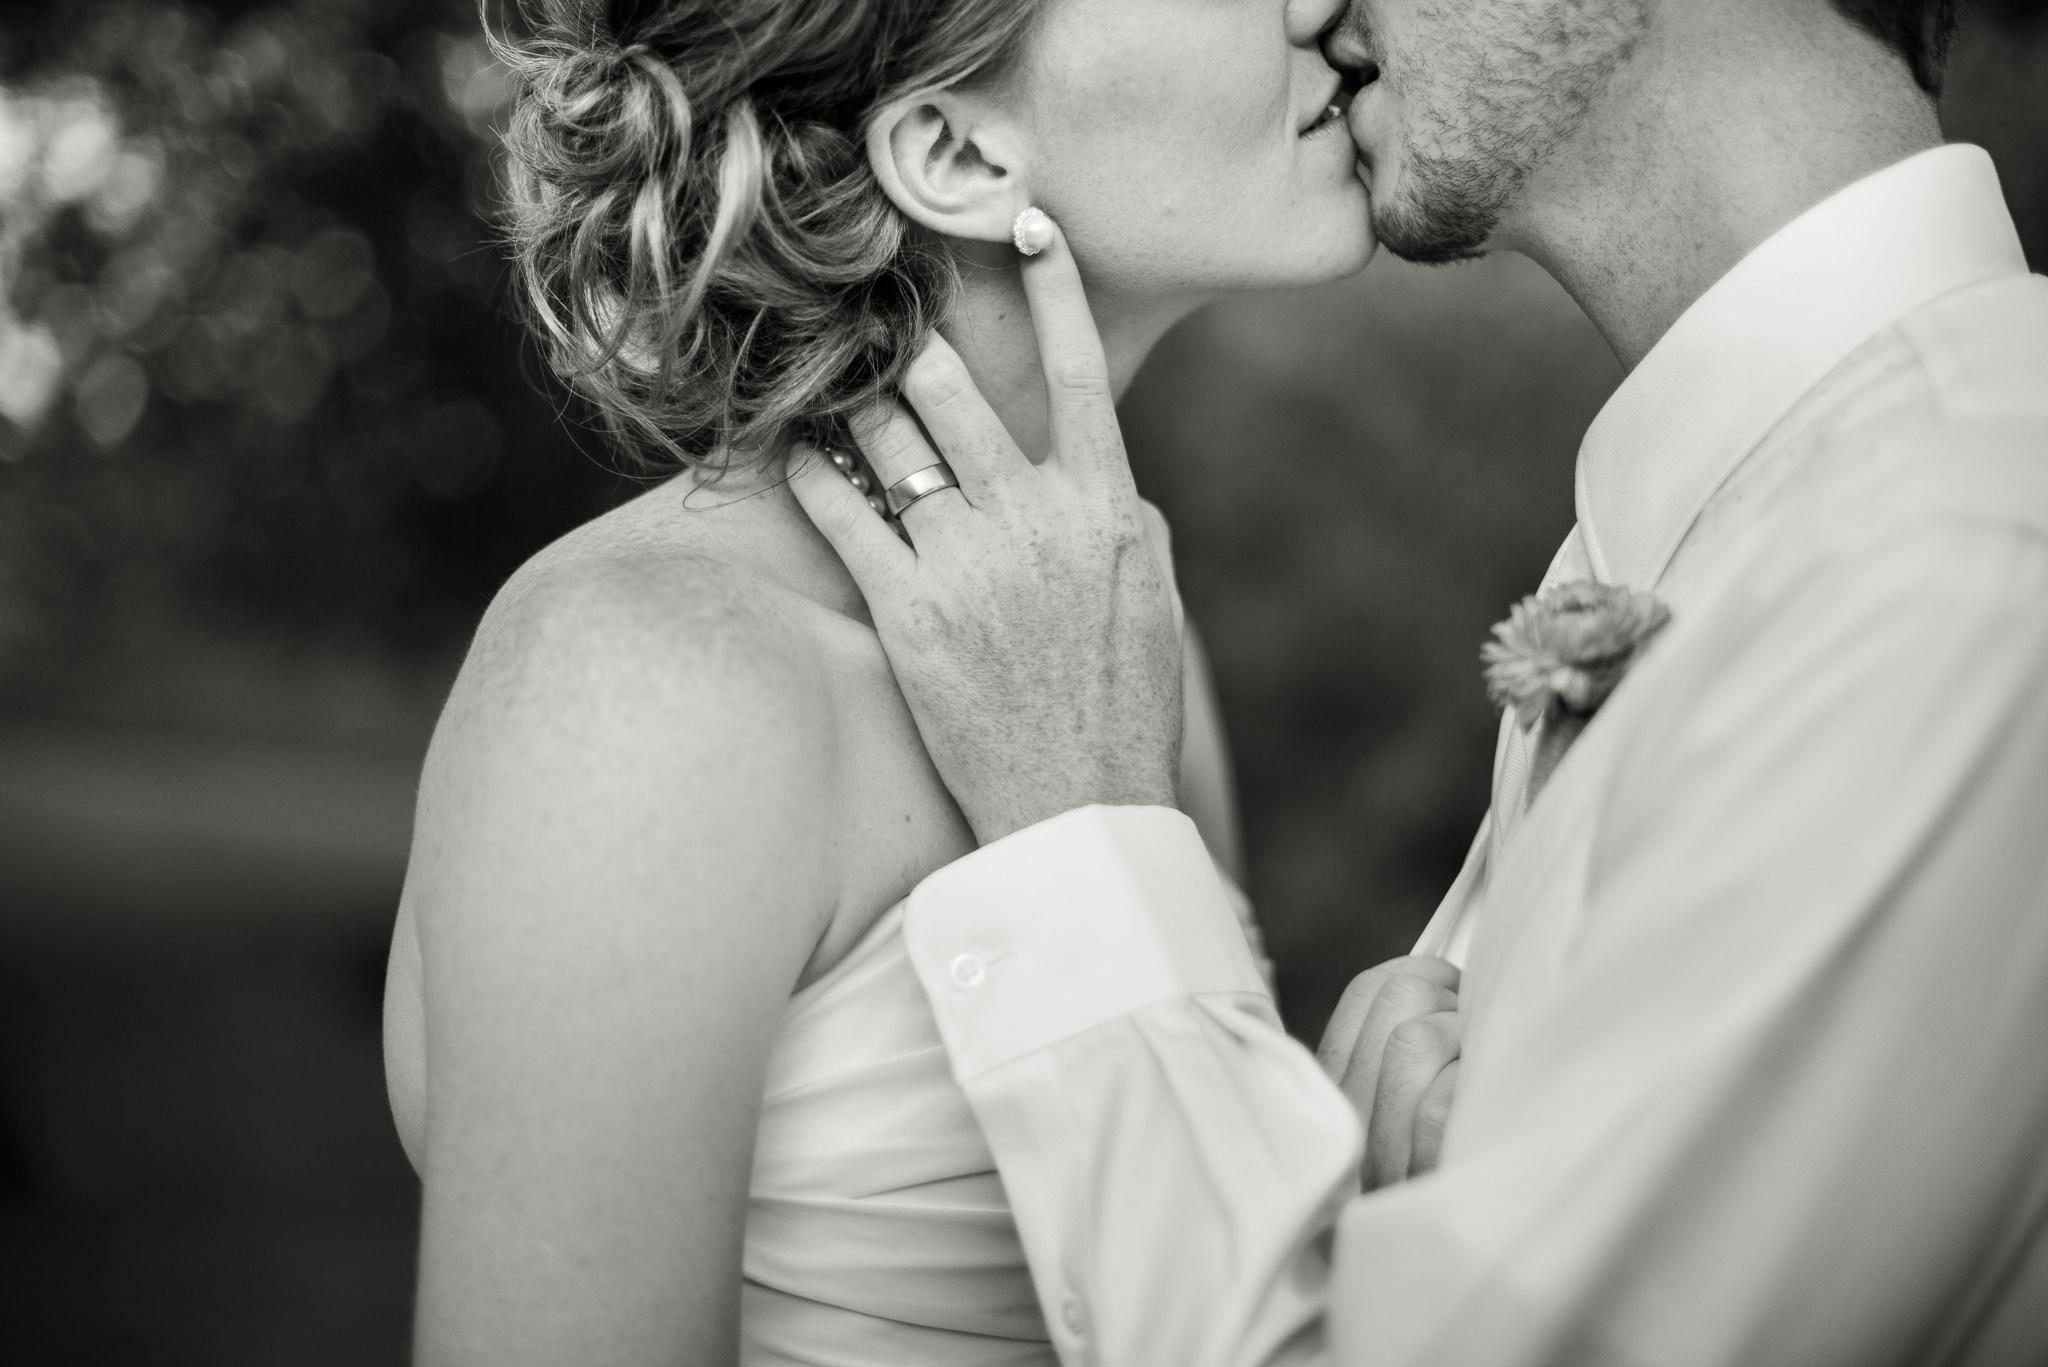 подтверждающий поцелуйчик фото и картинки расположилась недалеко станции